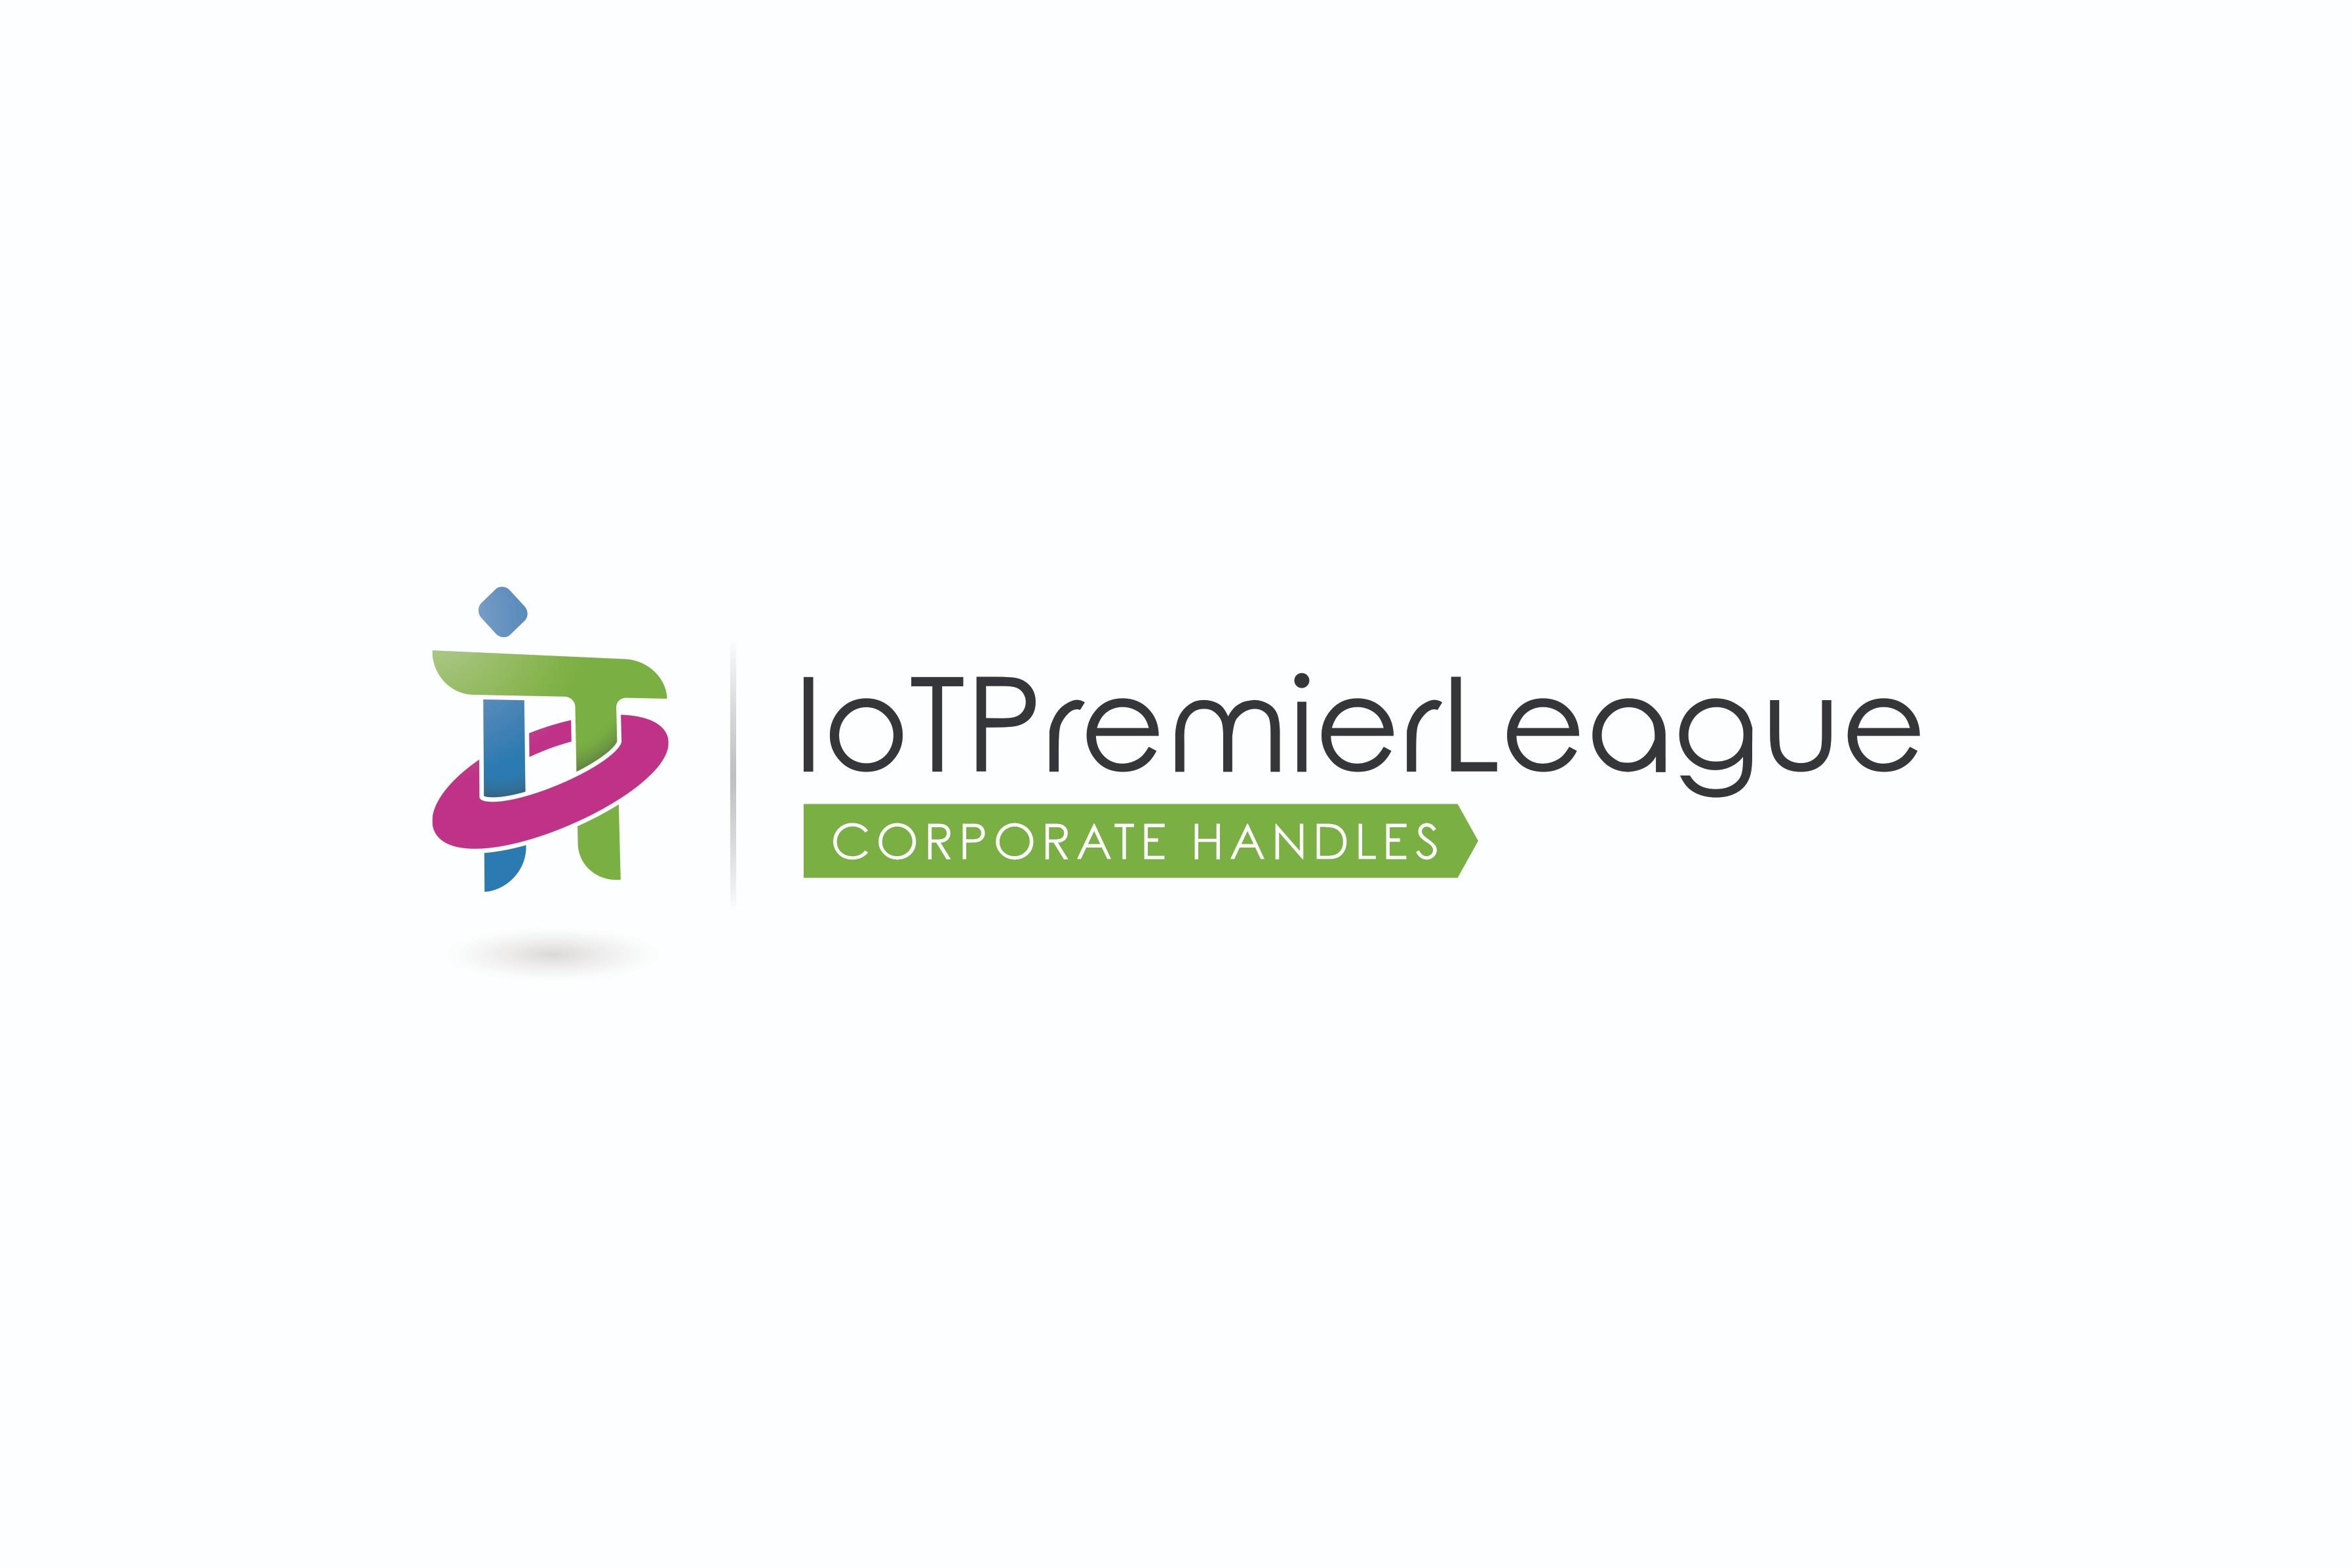 The Iot Premier League ™ Corporate Handles